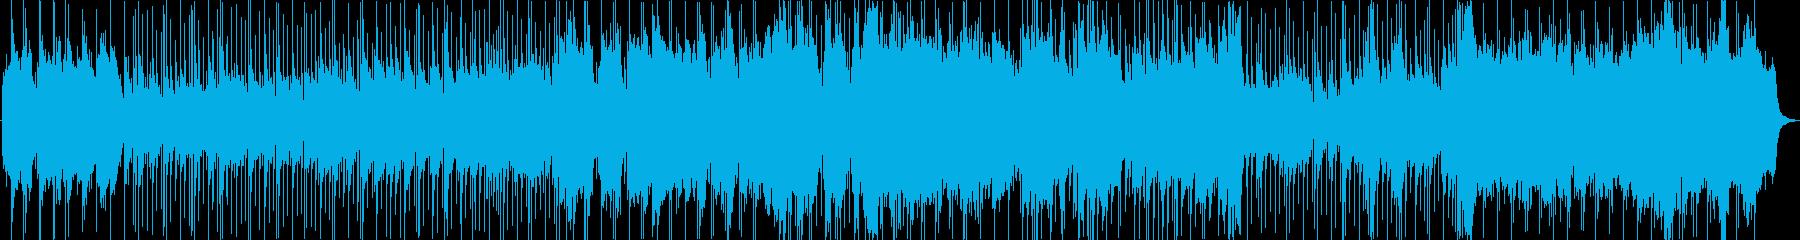 哀愁漂うレトロなBGMの再生済みの波形